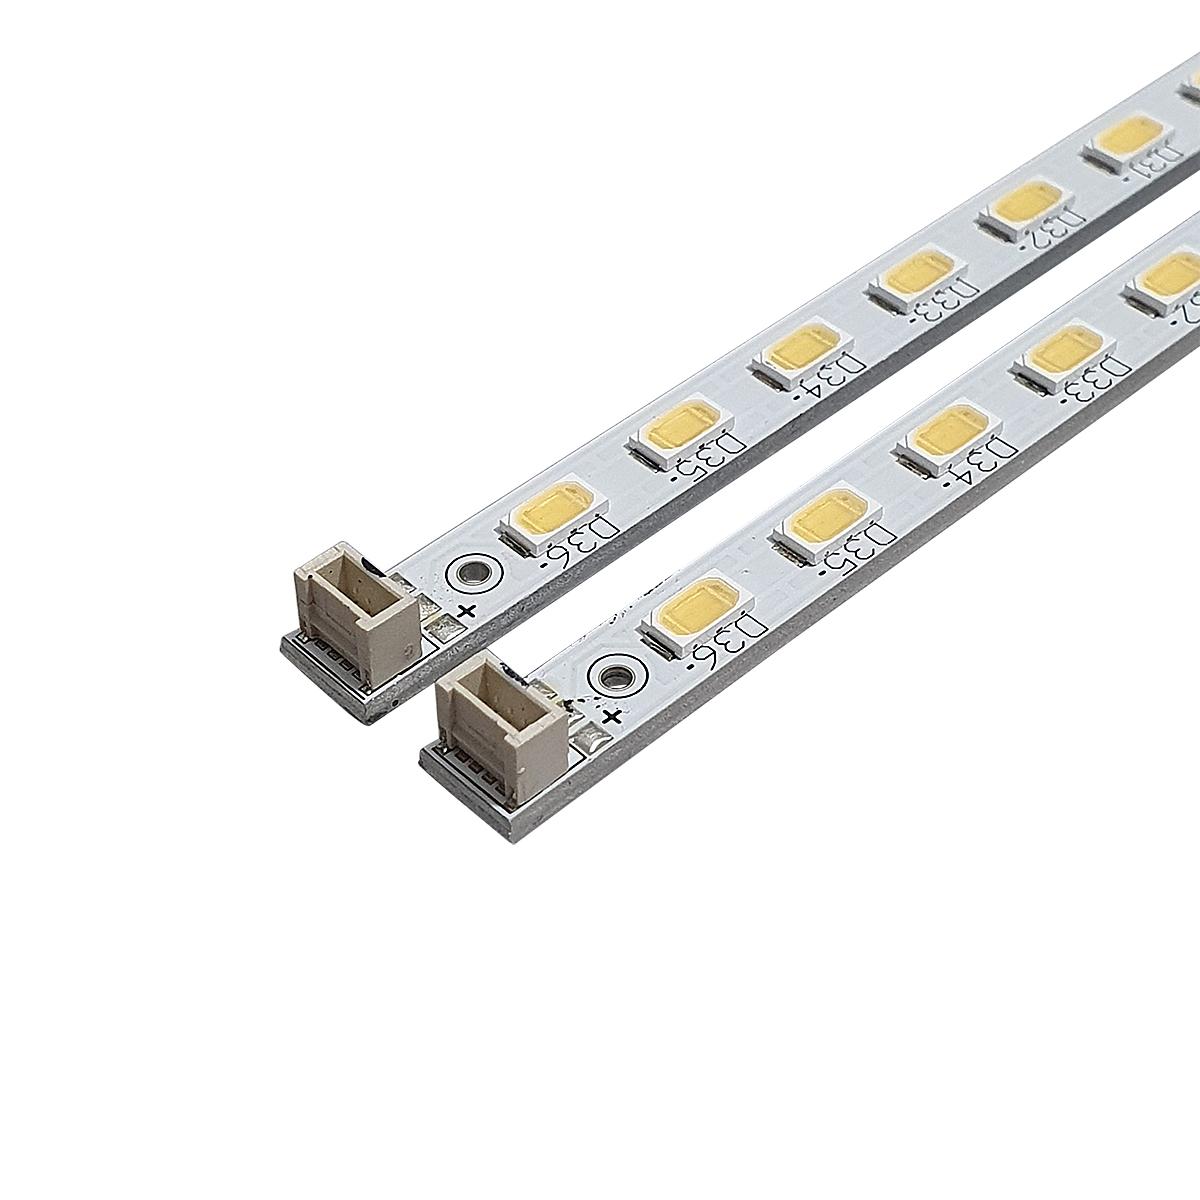 KIT 2 BARRAS LED PH32E53SG 67-H93402-0A0